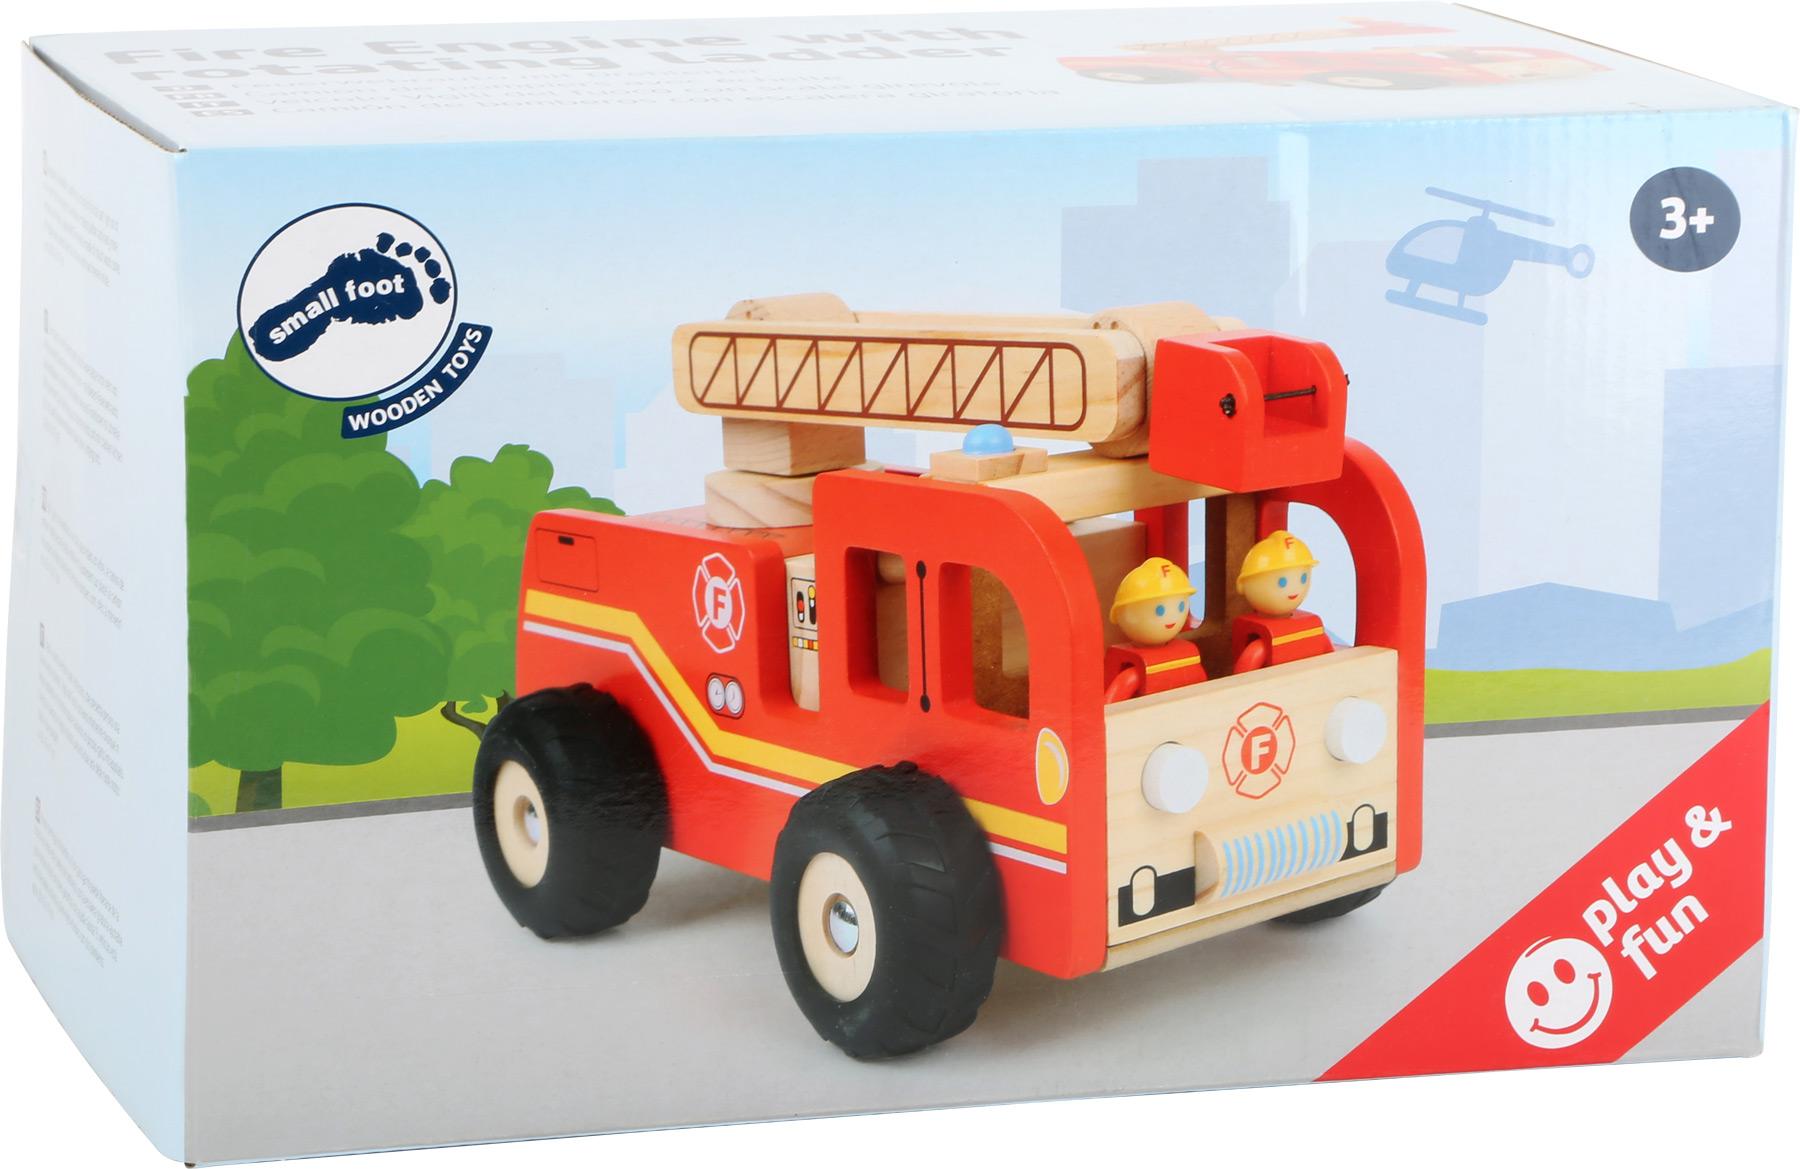 Feuerwehrauto Selber Malen